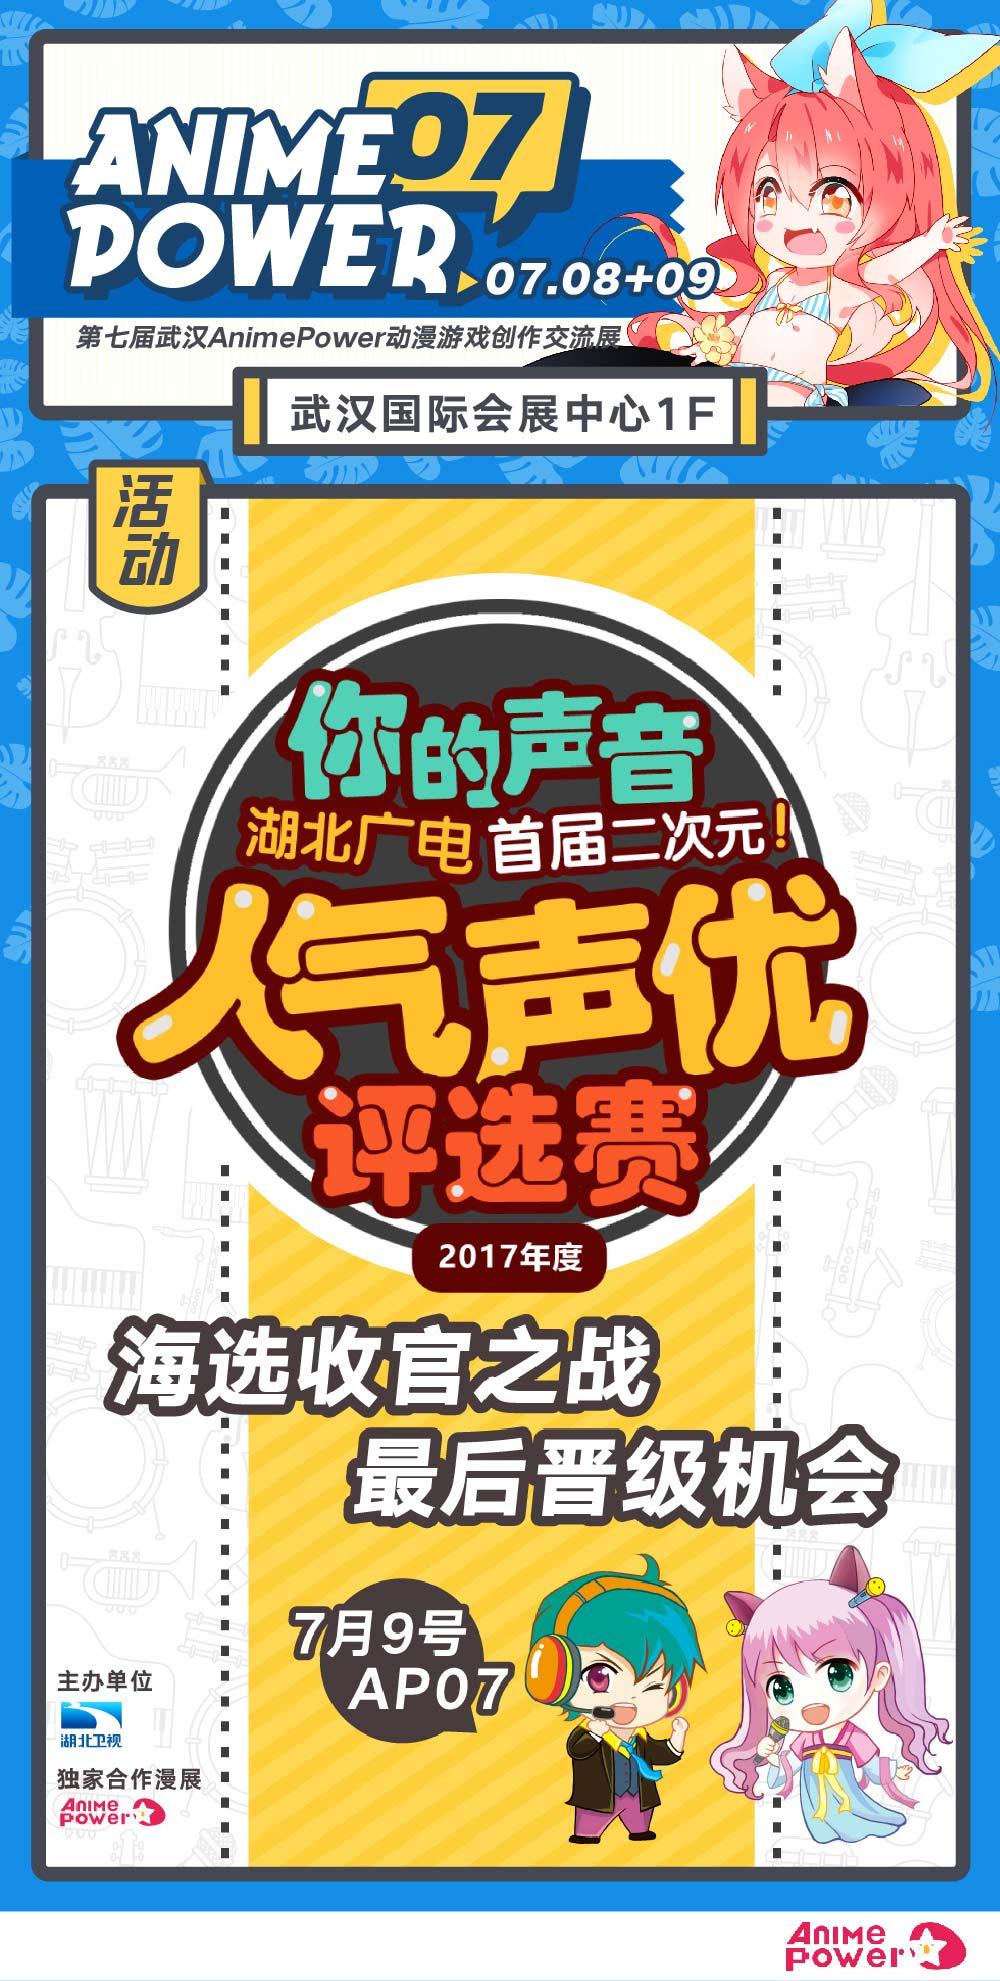 【武汉】第七届武汉AnimePower67194短视频手机版游戏创作交流展盛夏重装归来!-ANICOGA